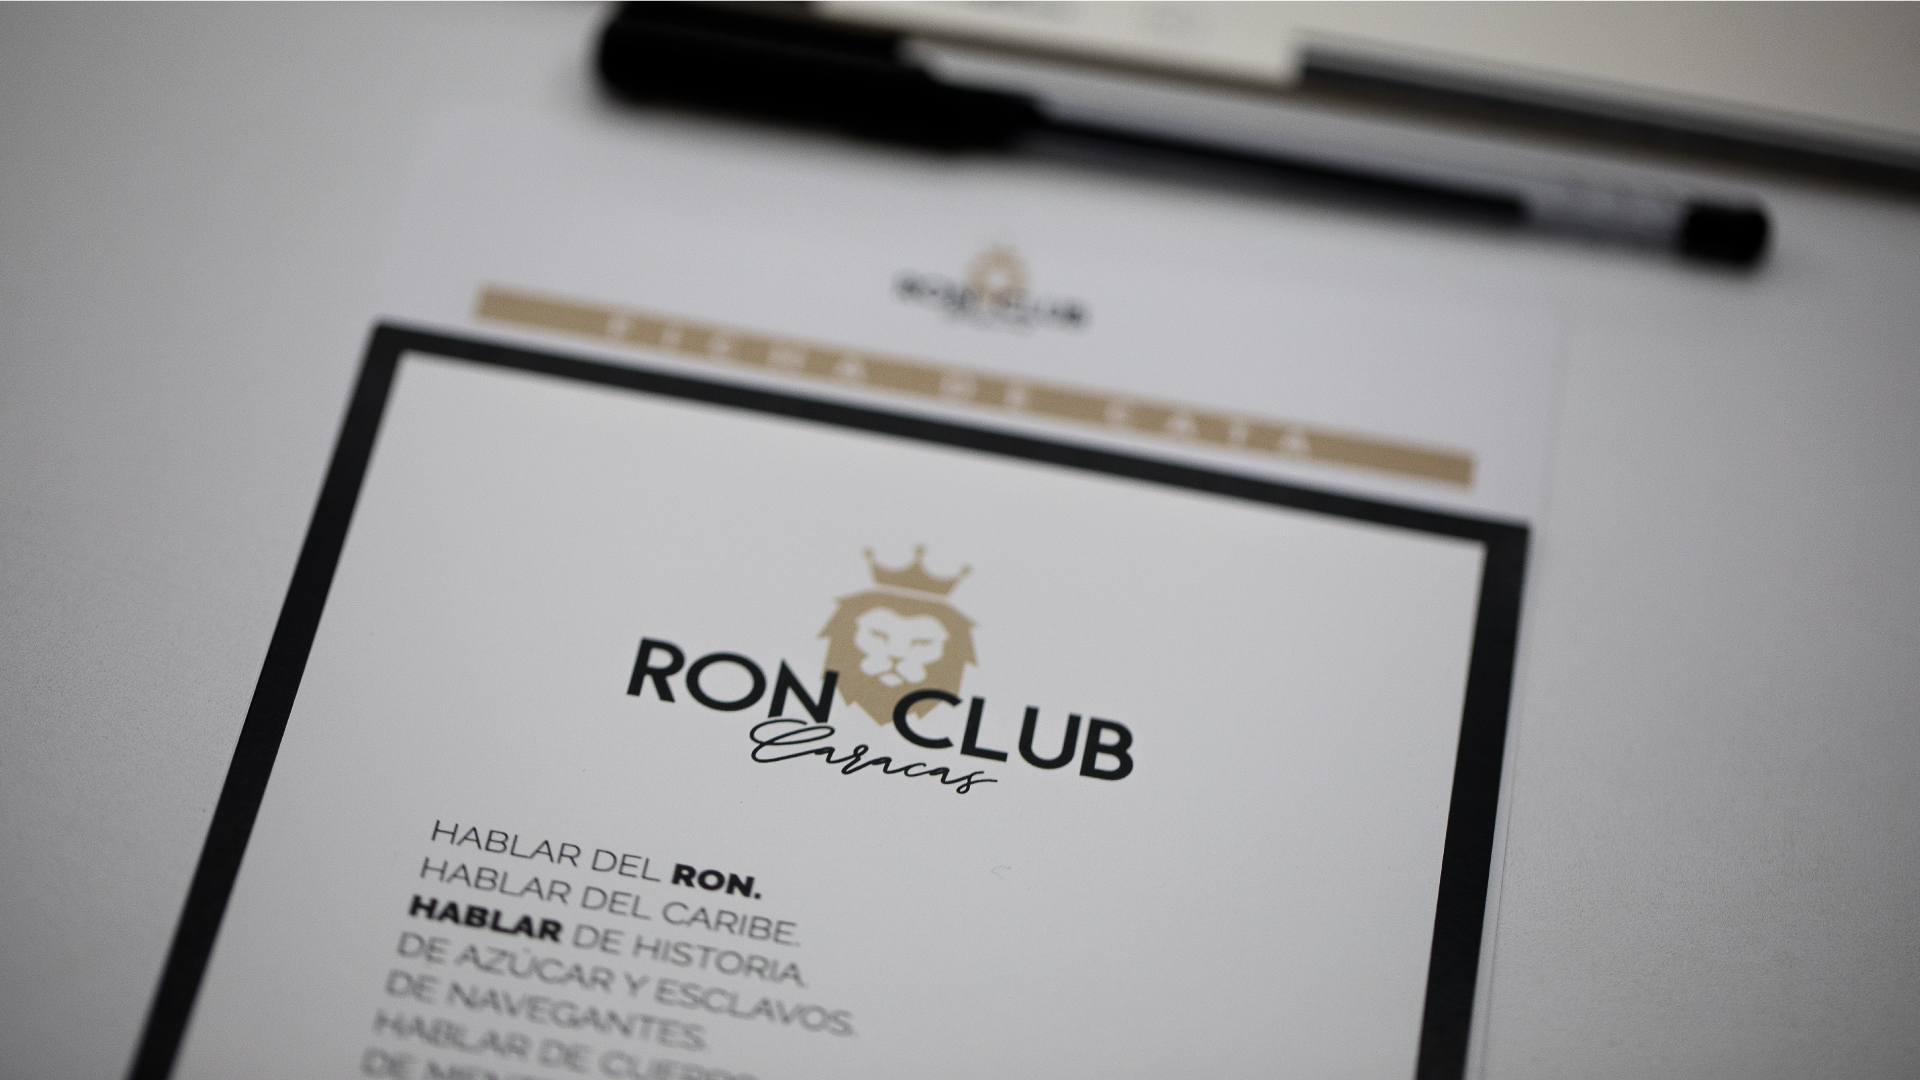 Ron Club Caracas